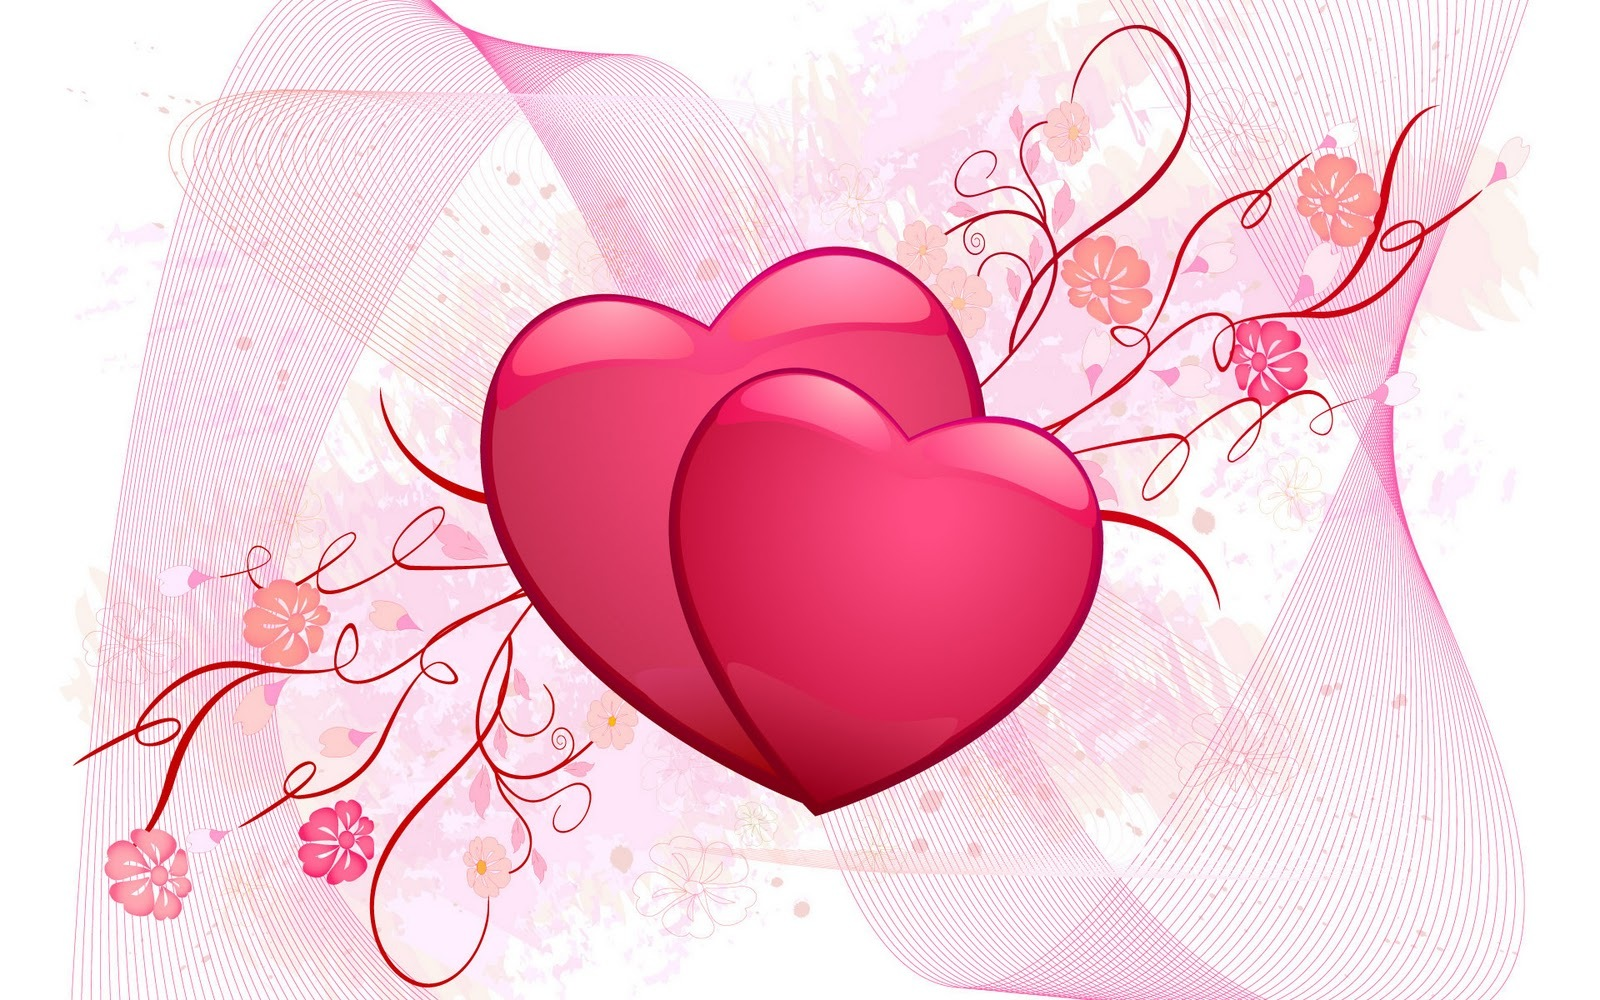 Cinta Kasih Manusia Dan Cinta Kasih Erikamaharanimh